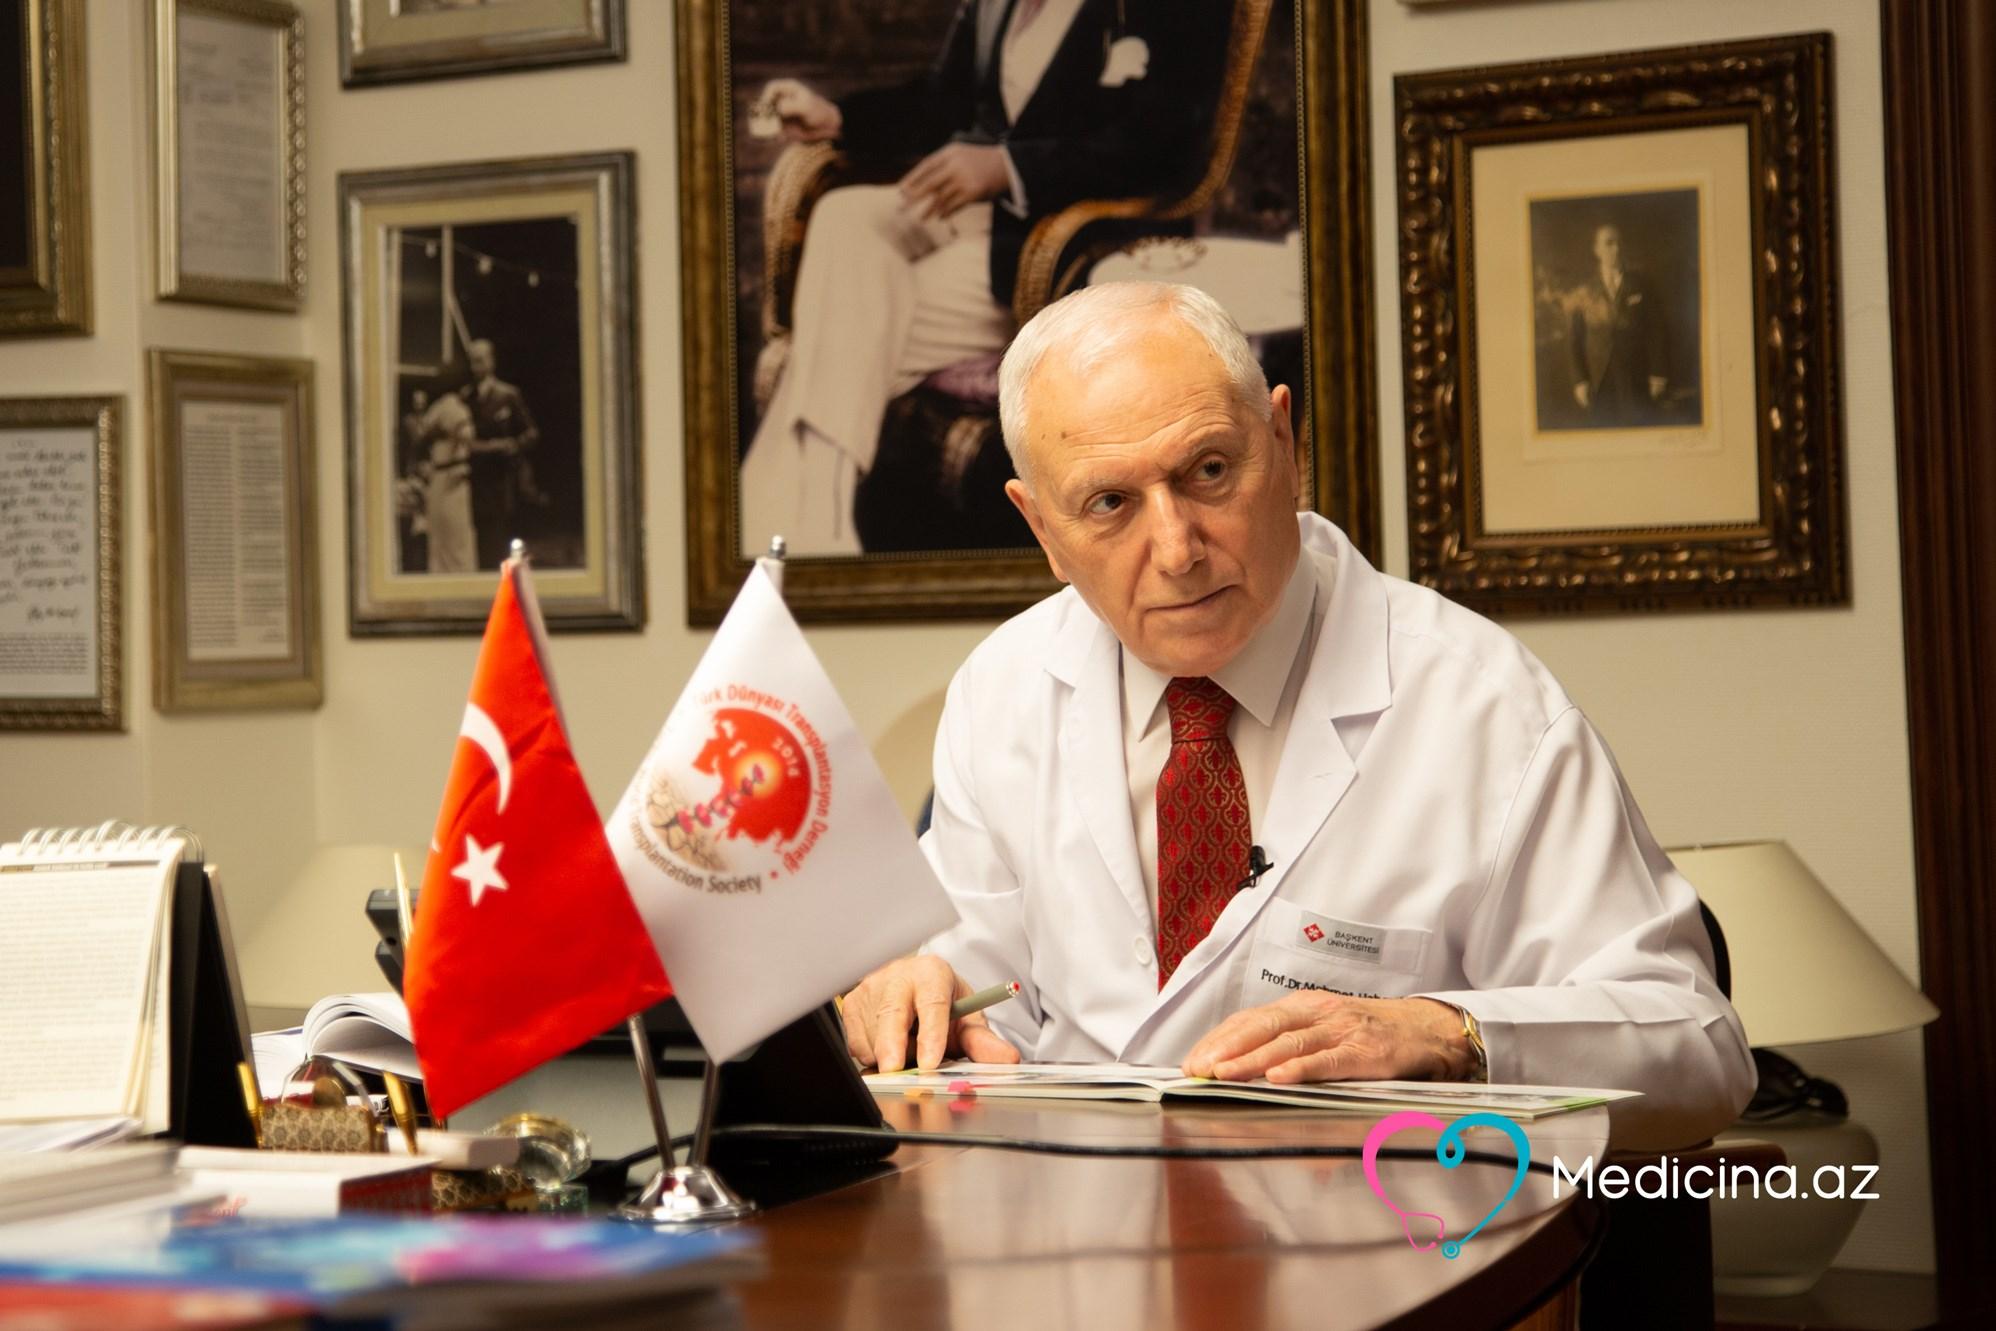 """Məşhur cərrah Azərbaycan həkimlərini Ankaraya dəvət etdi:   """"Gəlin öyrənin..."""" - VİDEO MÜSAHİBƏ"""